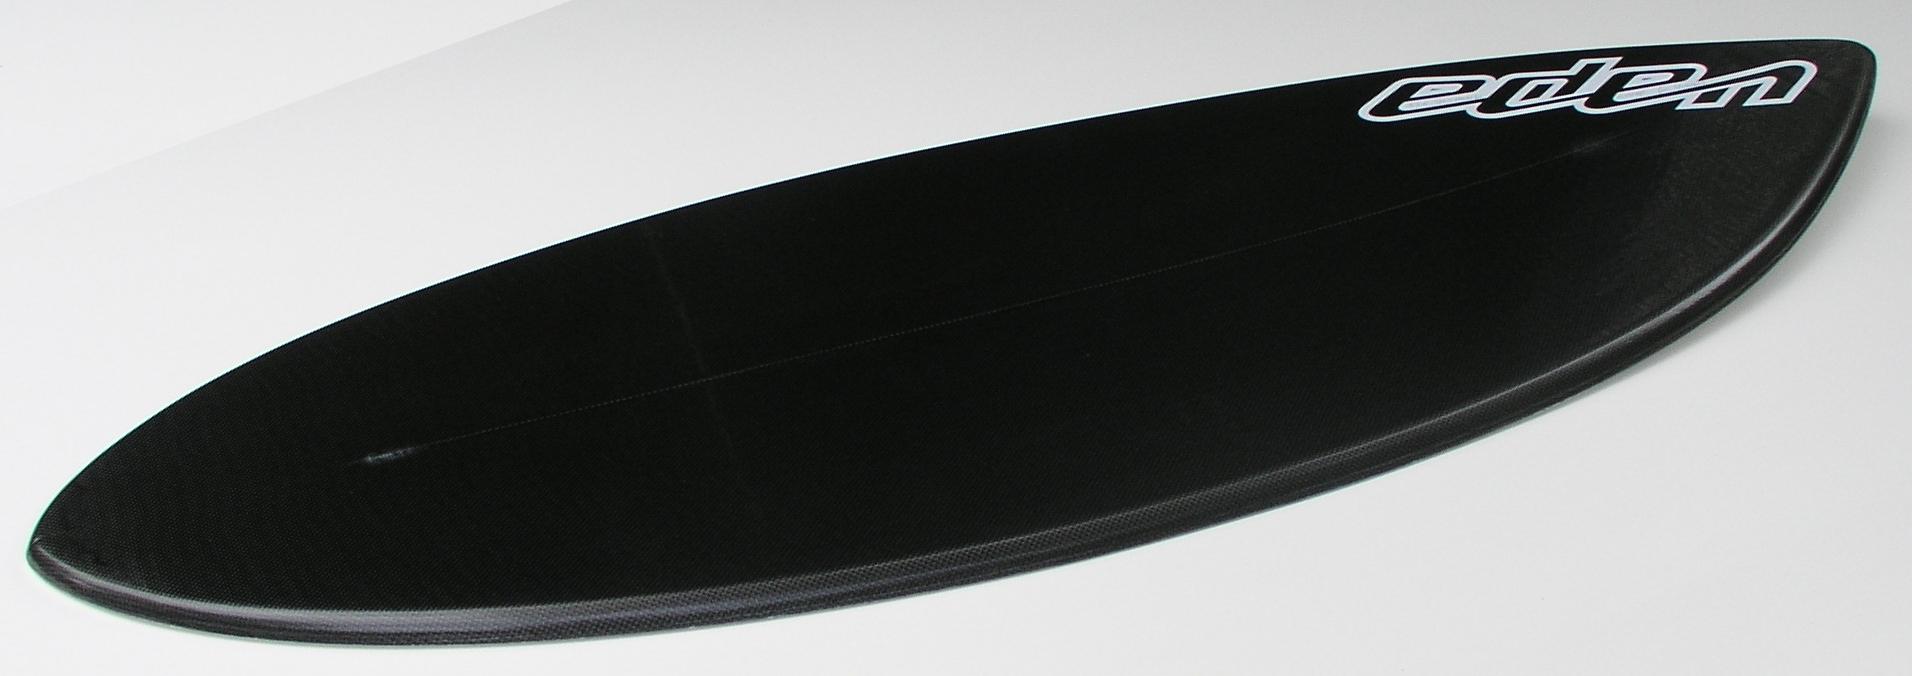 skimboards foamies carbon comp. Black Bedroom Furniture Sets. Home Design Ideas